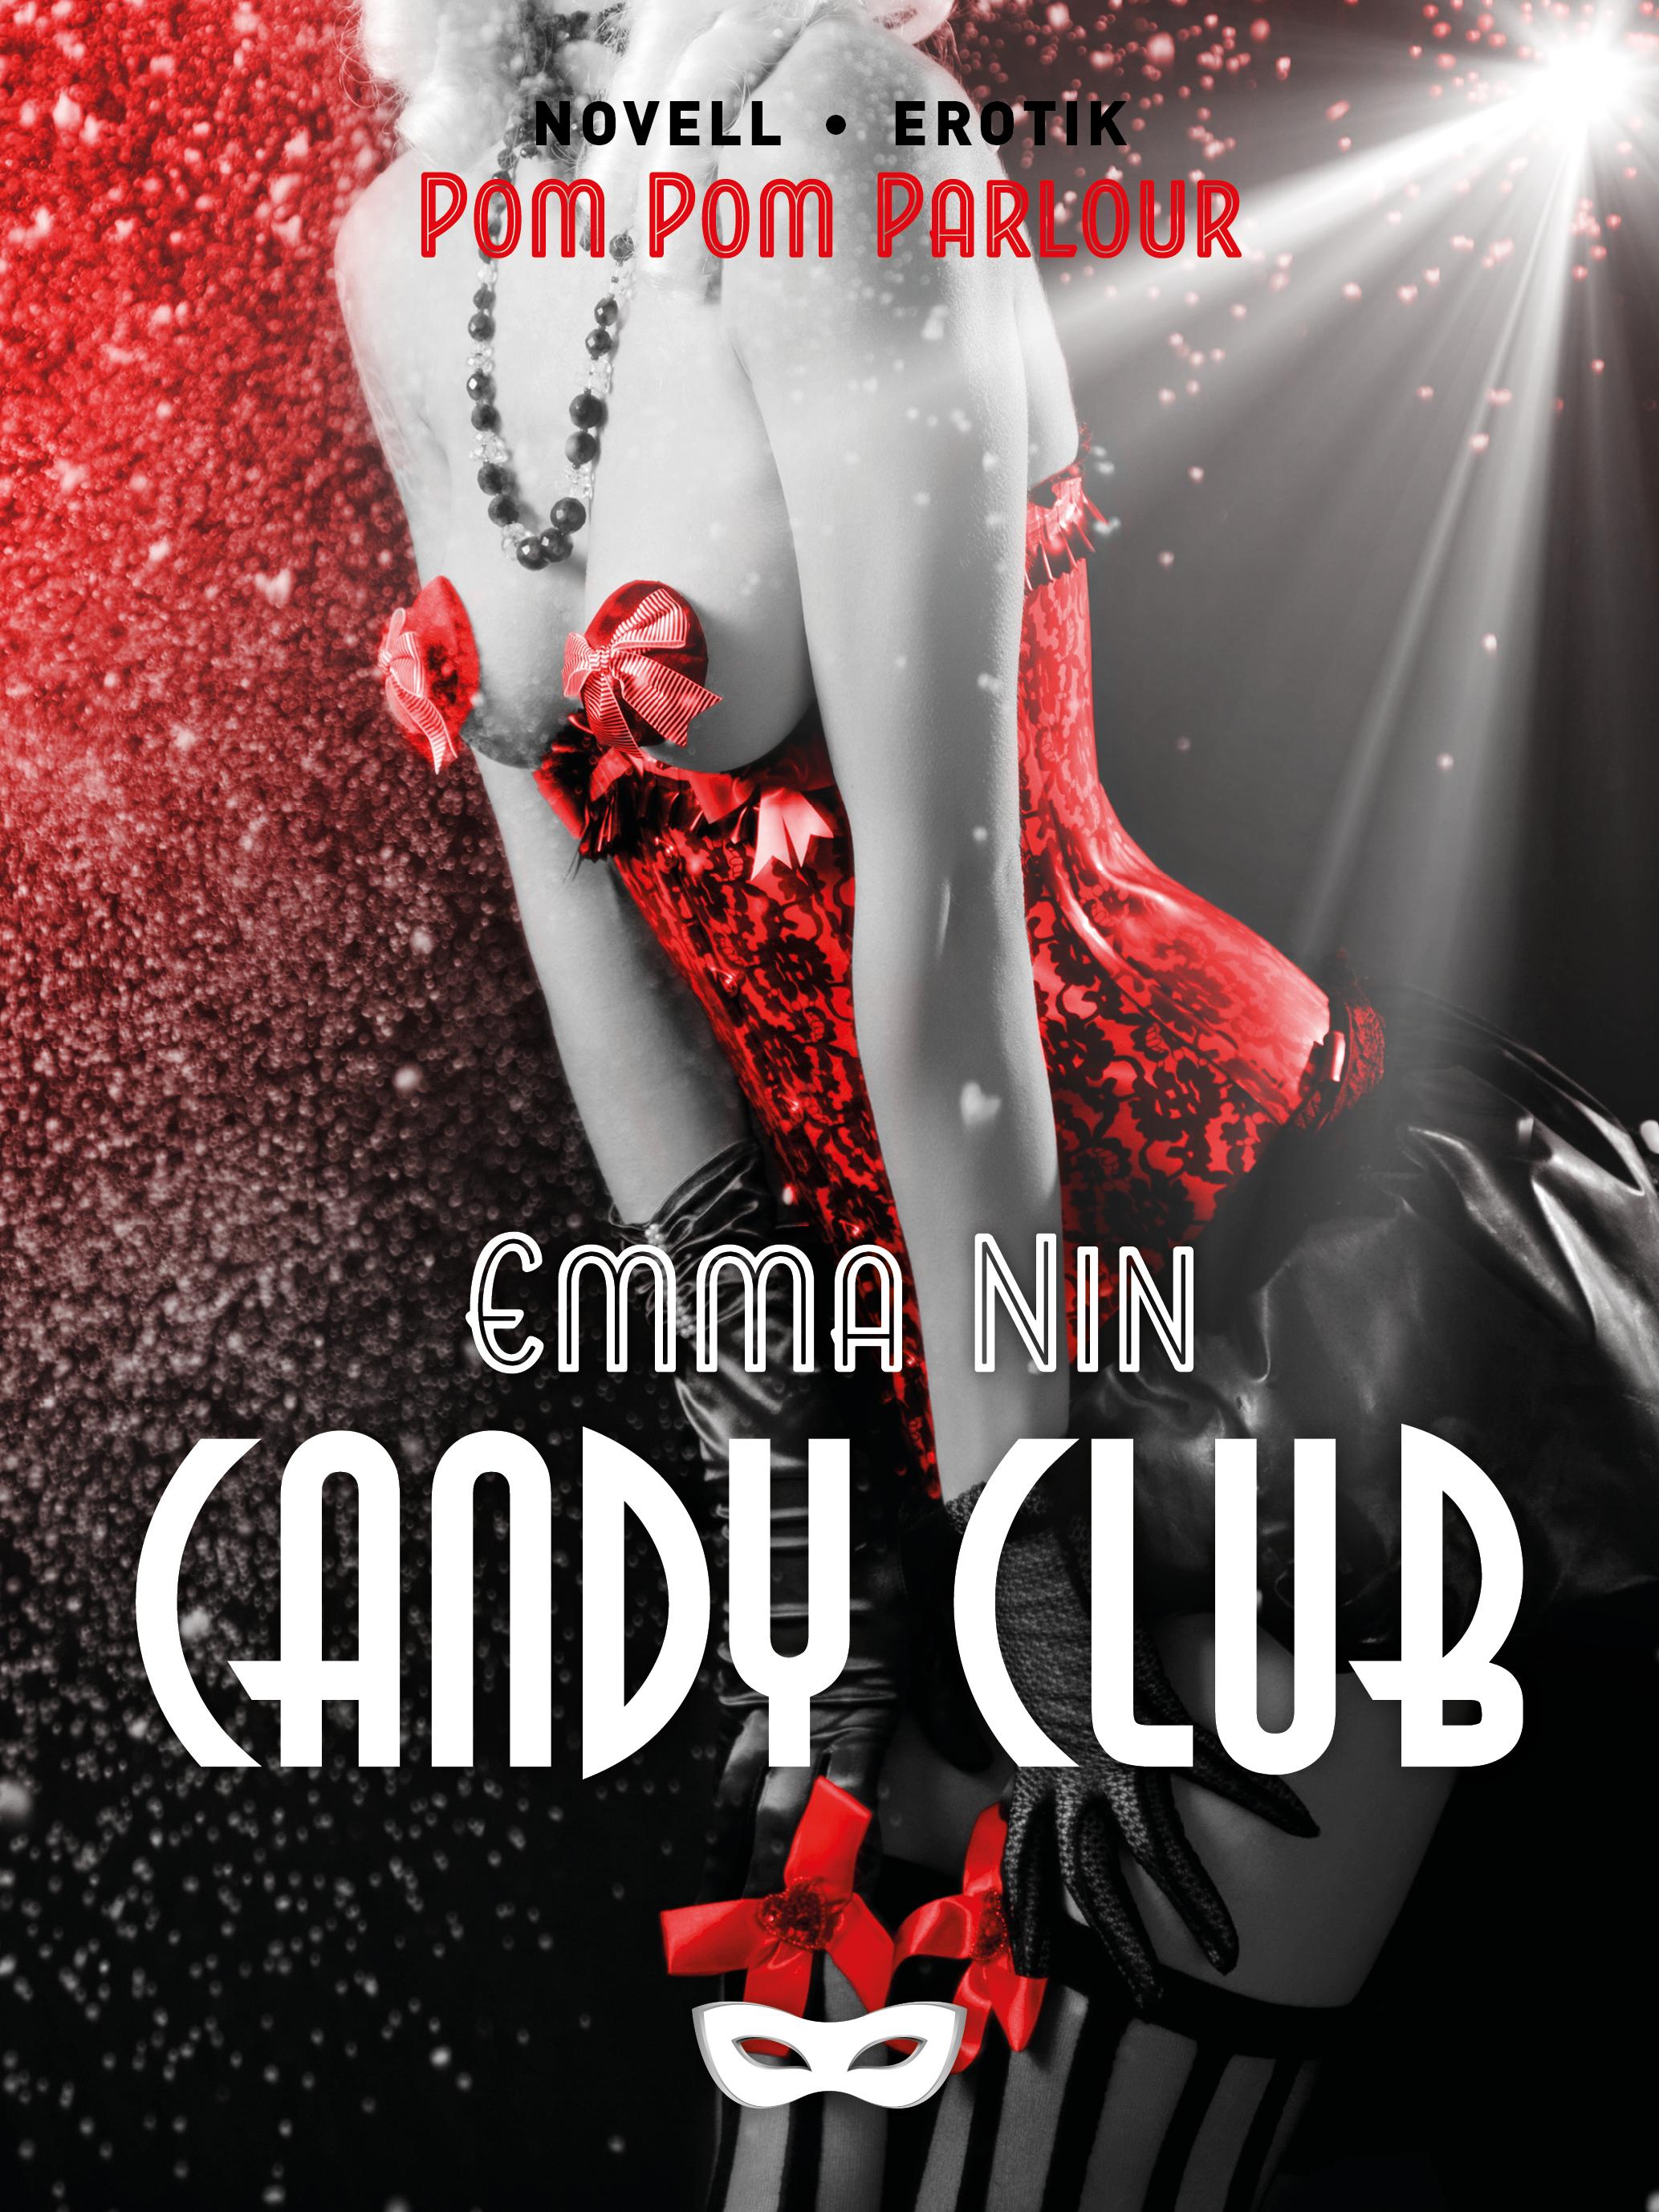 Candy club   Sofia möter upp sina vänner på Bromma flygplats för en resa till okänt mål. Allt hon har fått veta är namnet Candy Club. Det visar sig bli ett magiskt dygn med glitter, champagne, klackar och het sex.   Storytel   nextory   bookbeat   adlibris   bokus   ibook